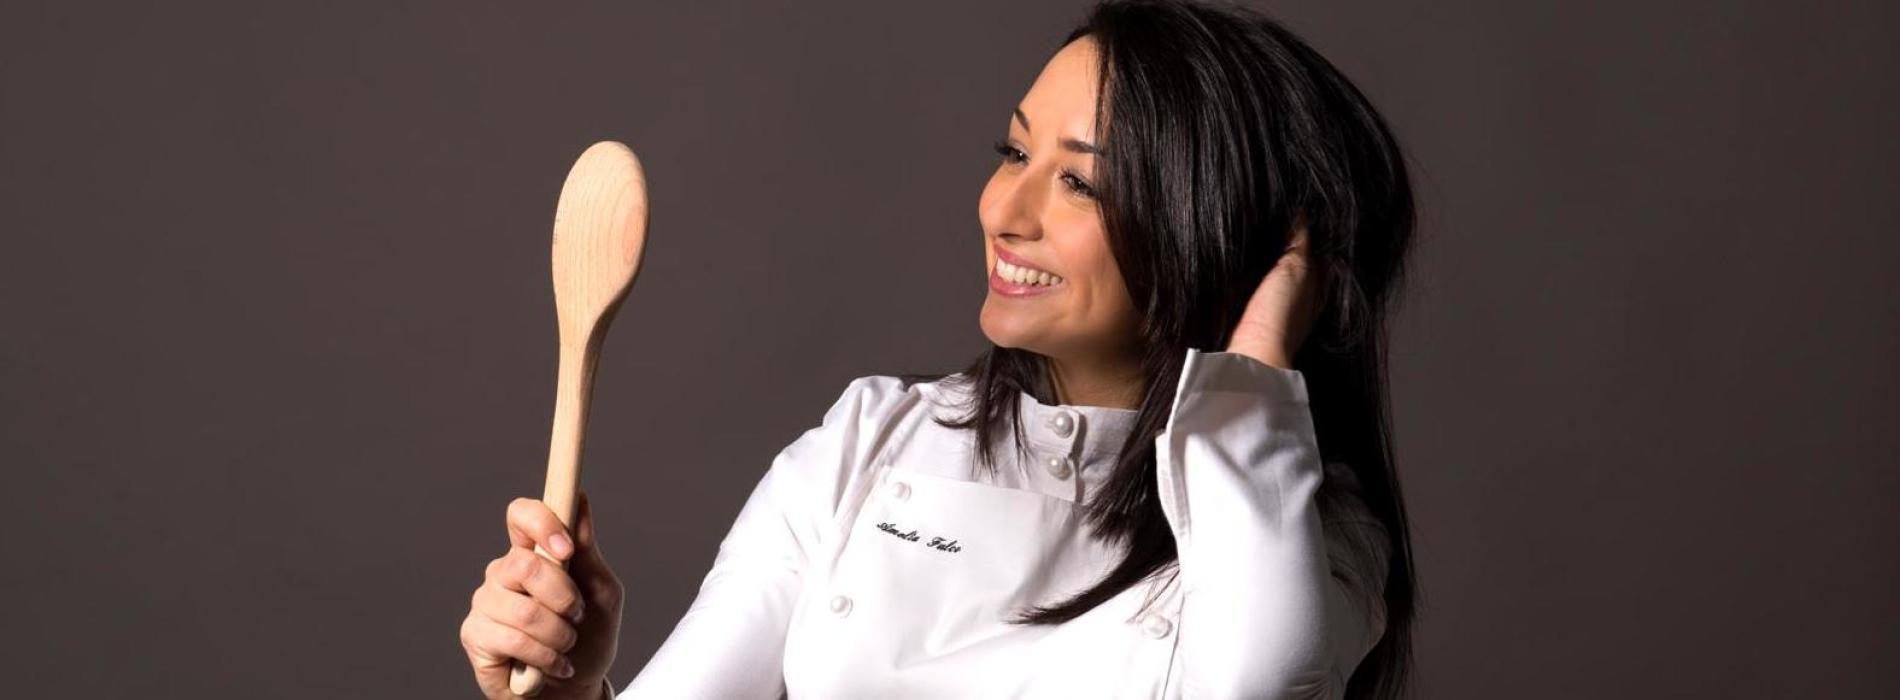 Parete, la chef Amelia Falco e quel gusto salato della fragola